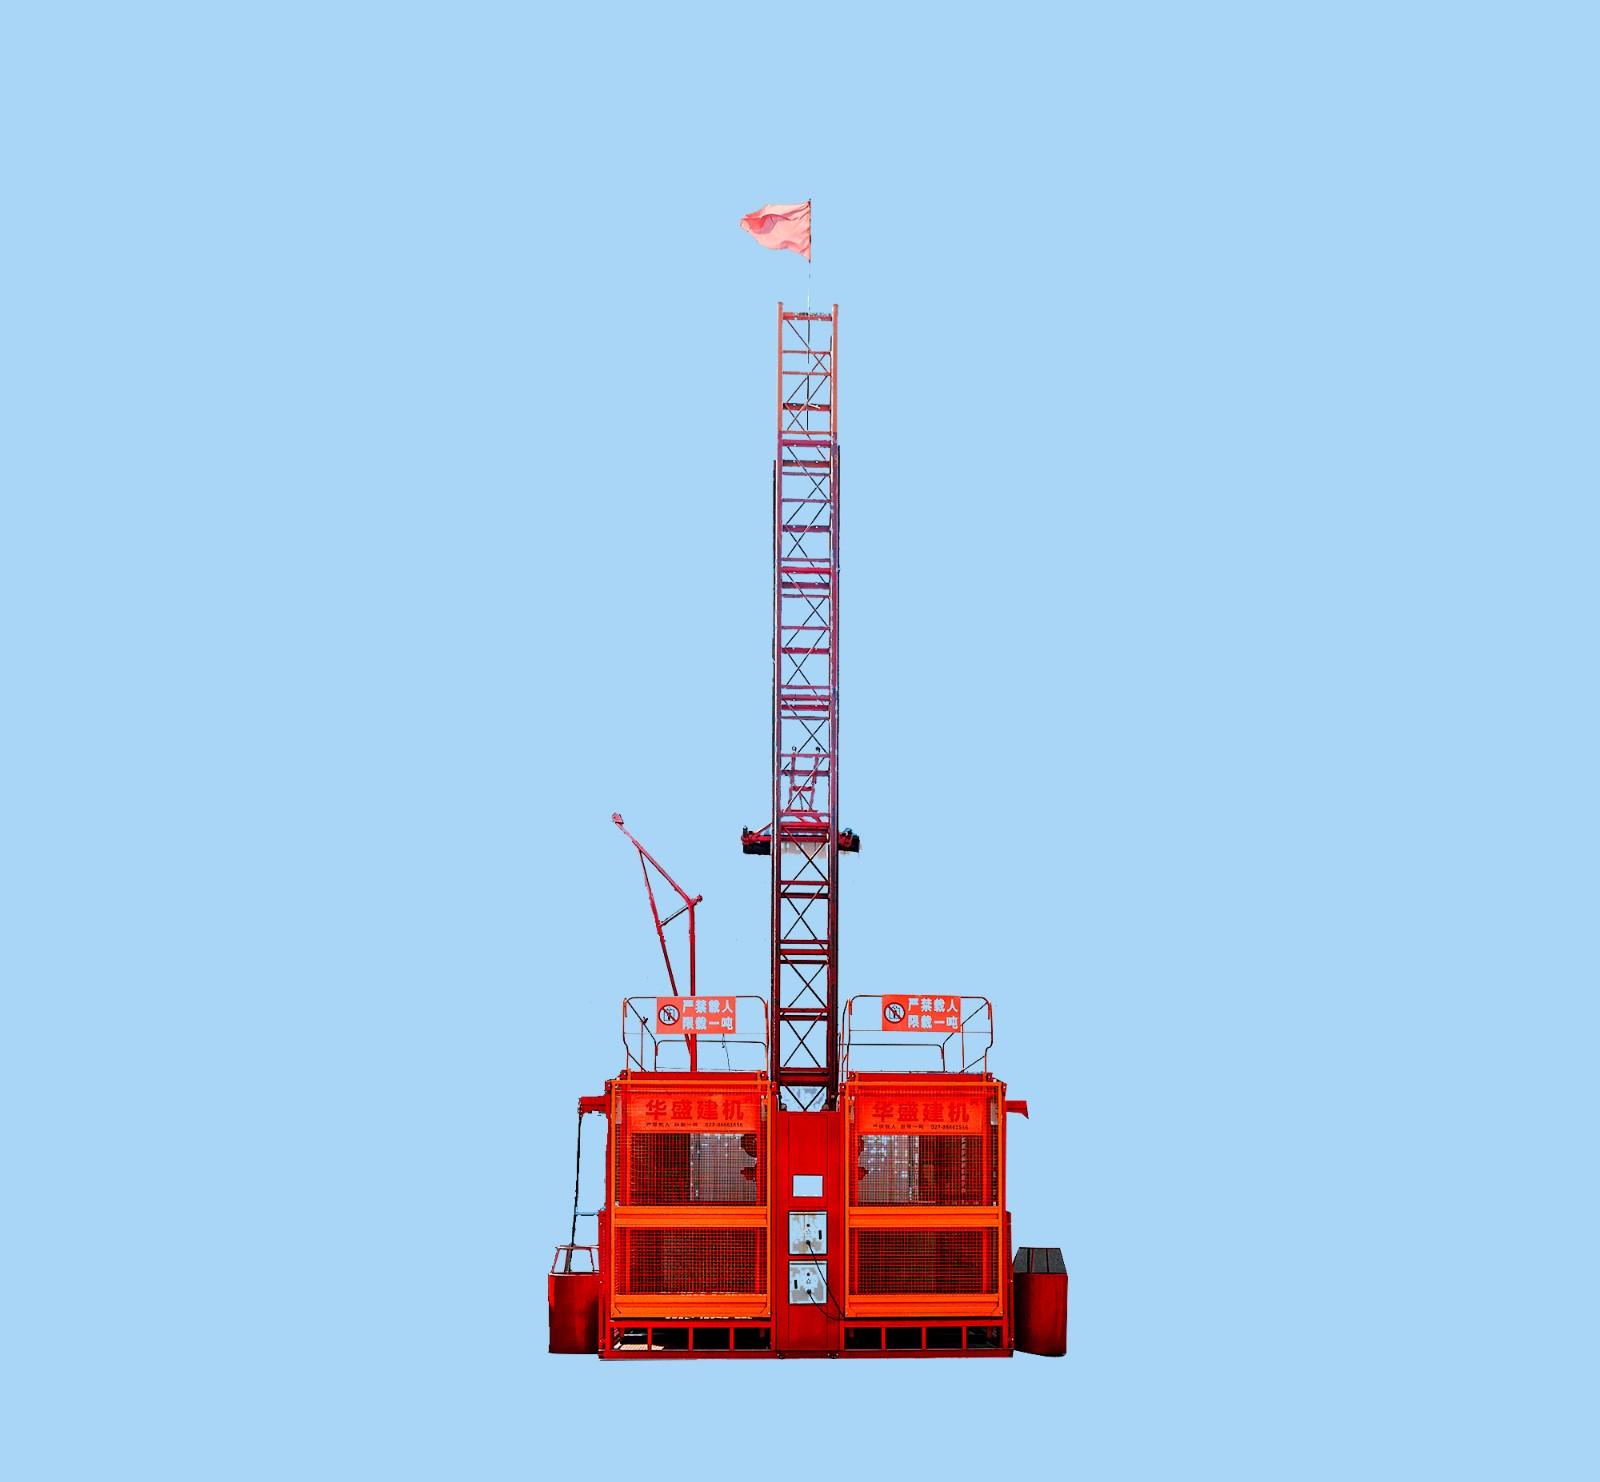 施工货用升降机安全使用管理办法